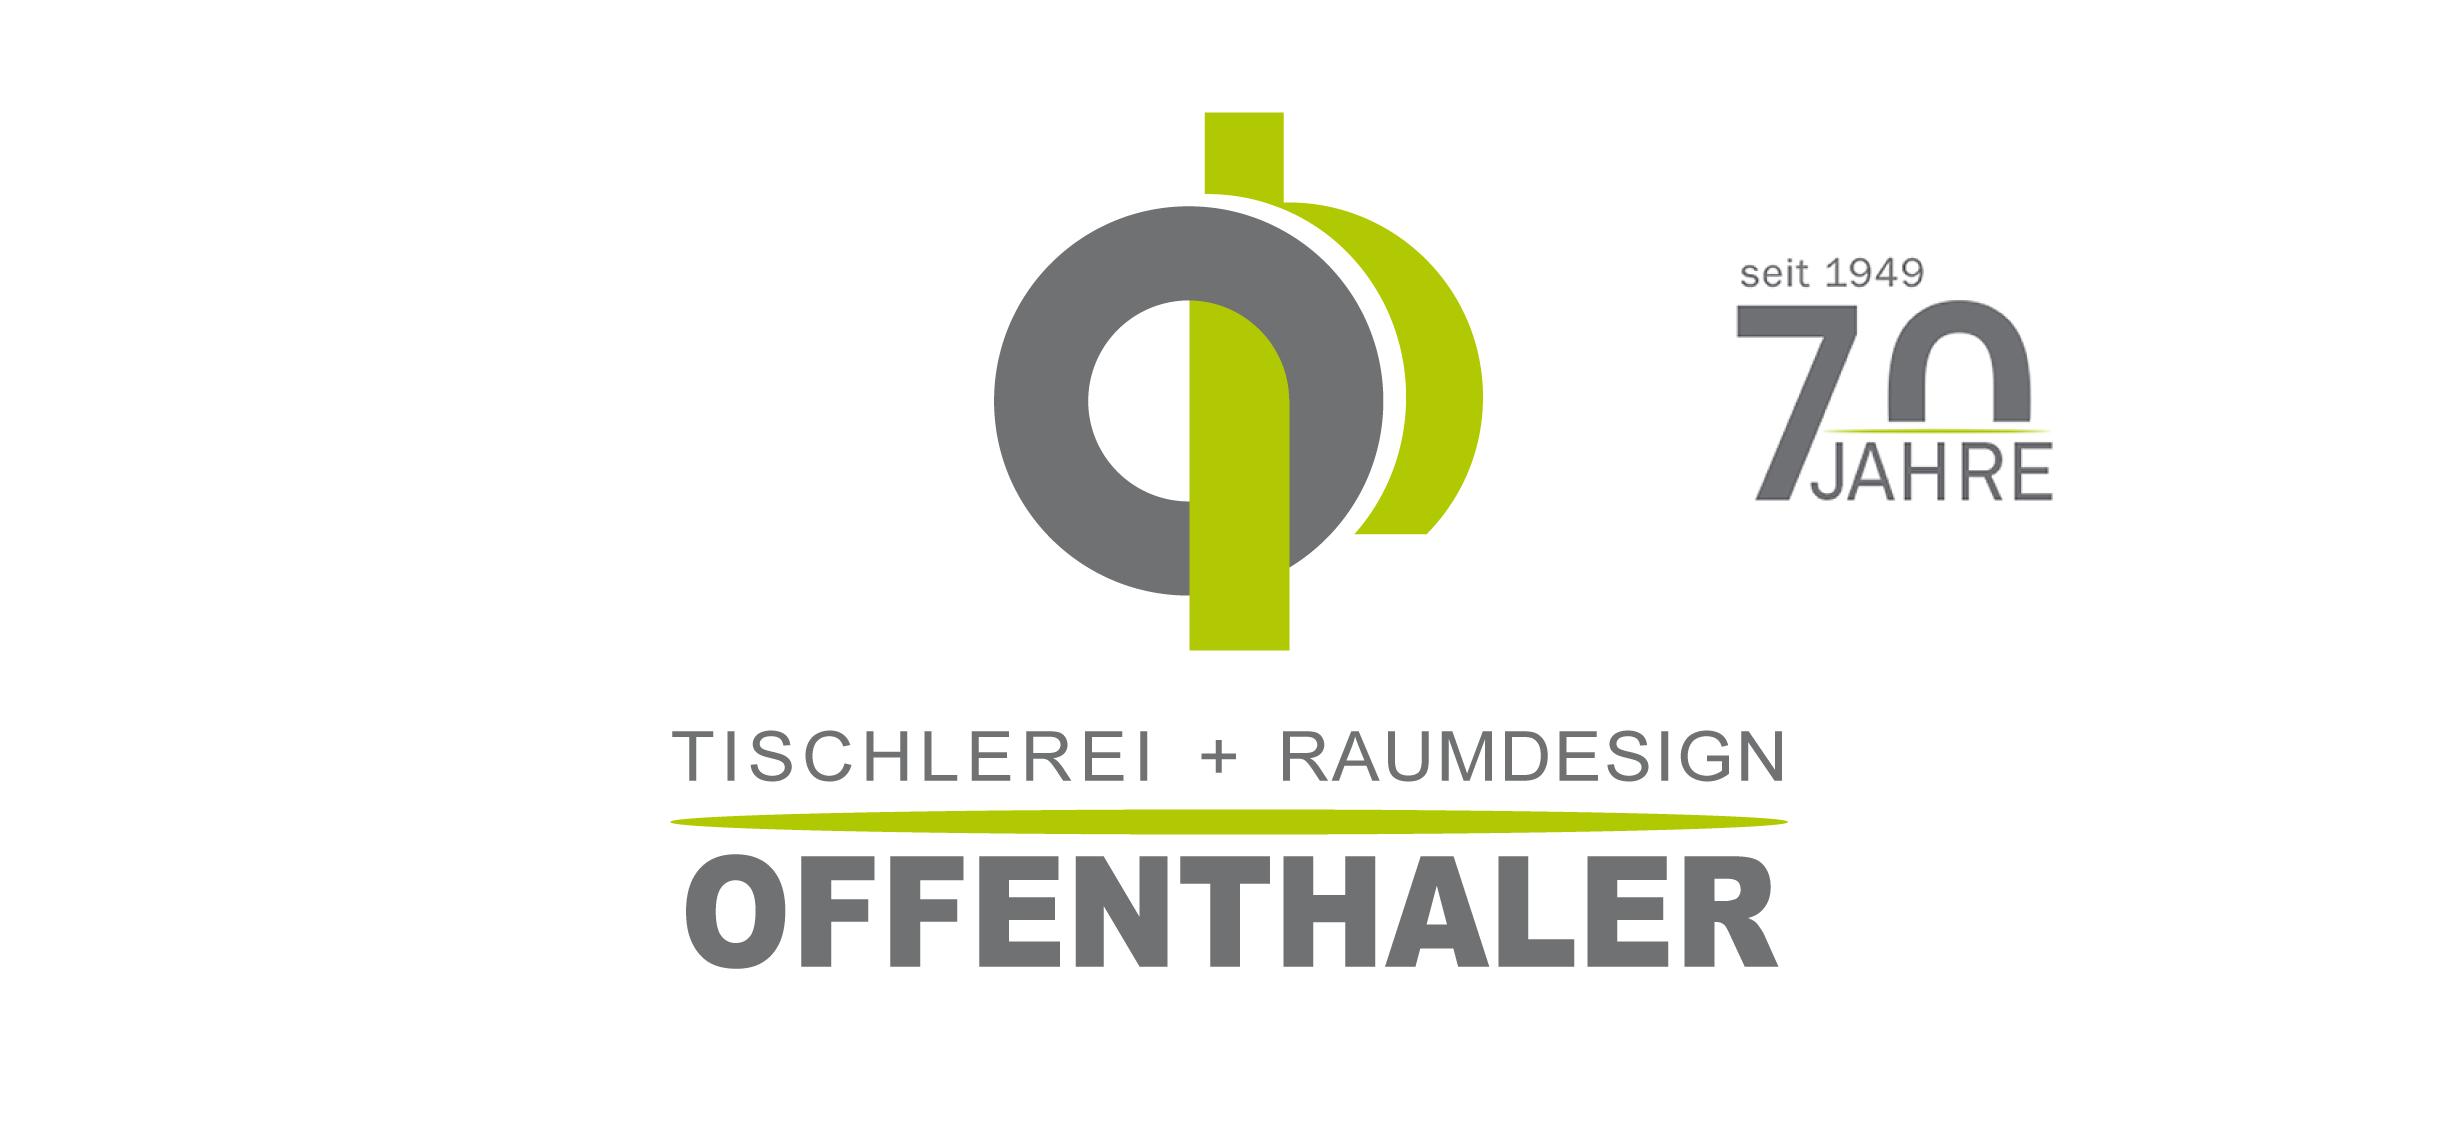 Tischlerei Raumdesign Offenthaler